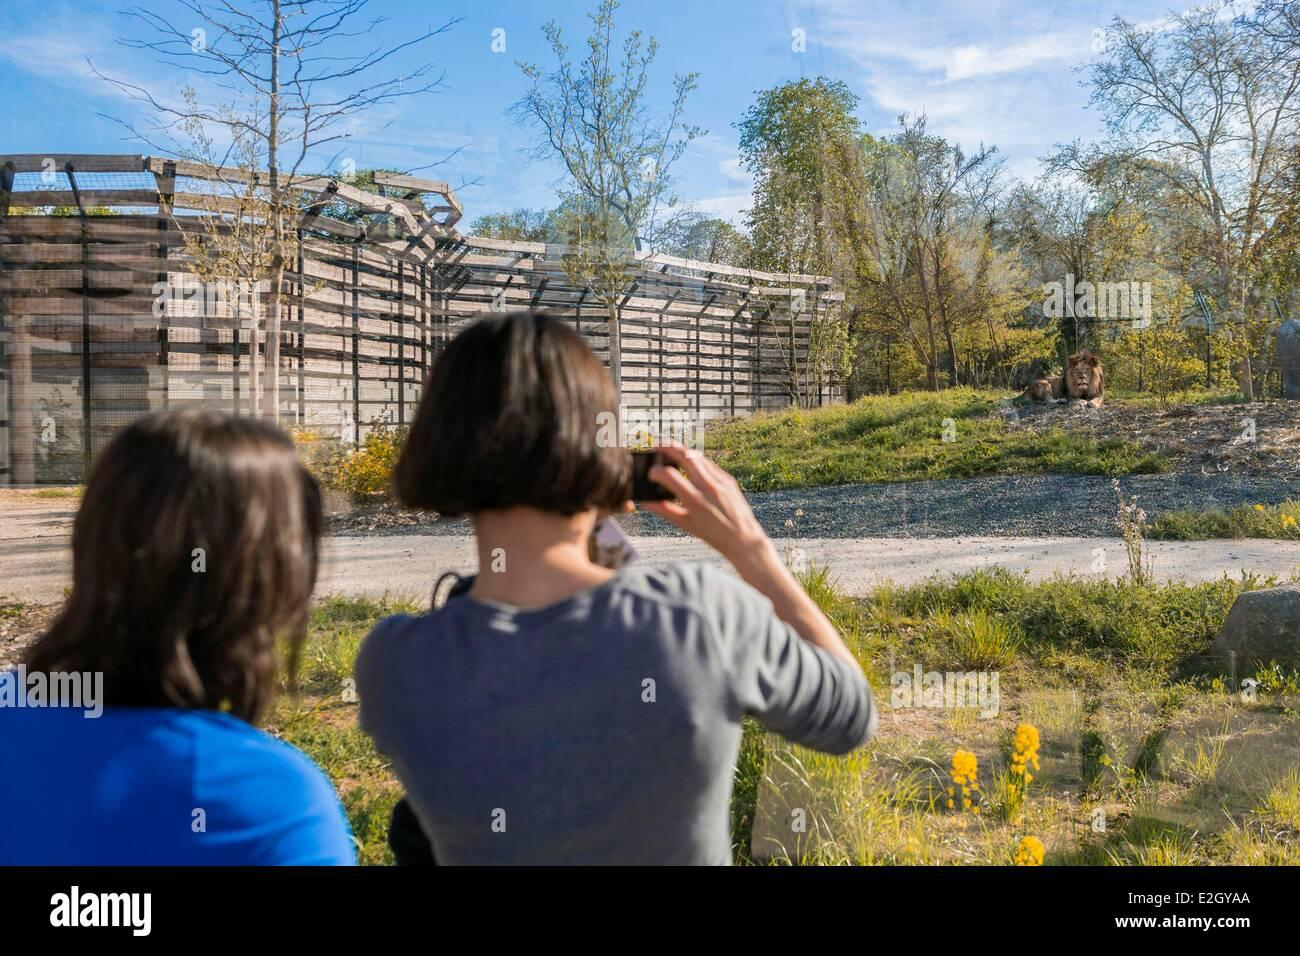 France Paris Paris Zoological Park (Zoo de Vincennes) - Stock Image